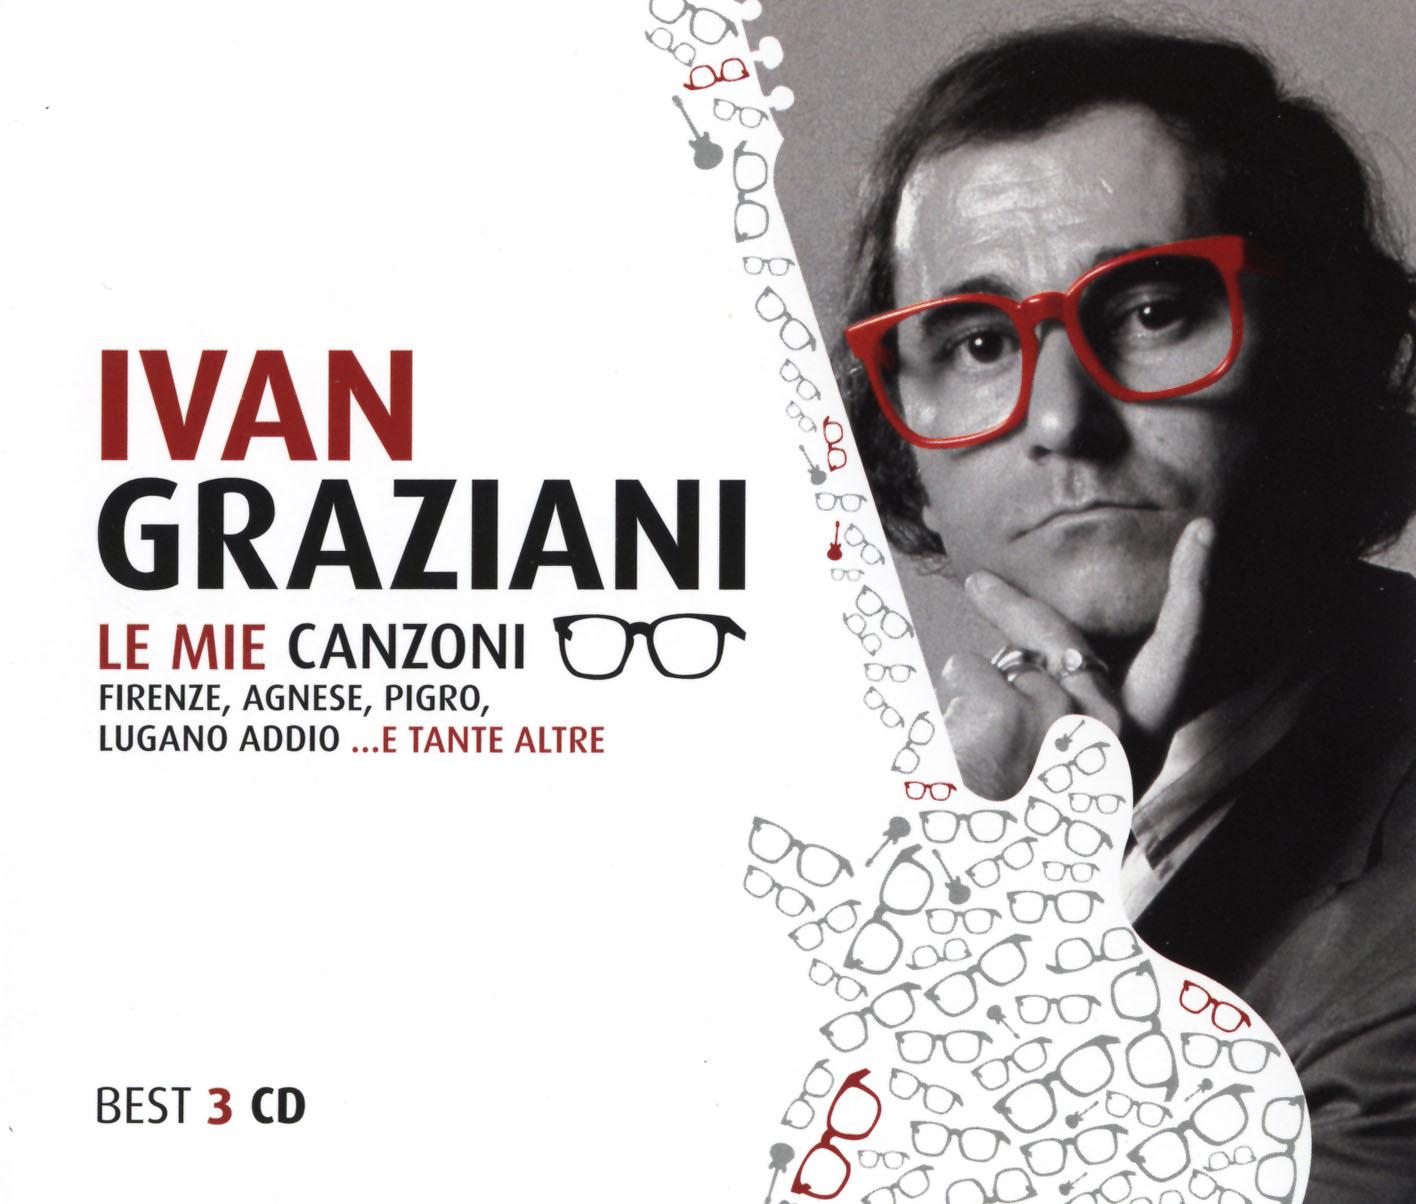 Le Mie Canzoni Firenze, Agnese, Pigro, Lugano Addio…